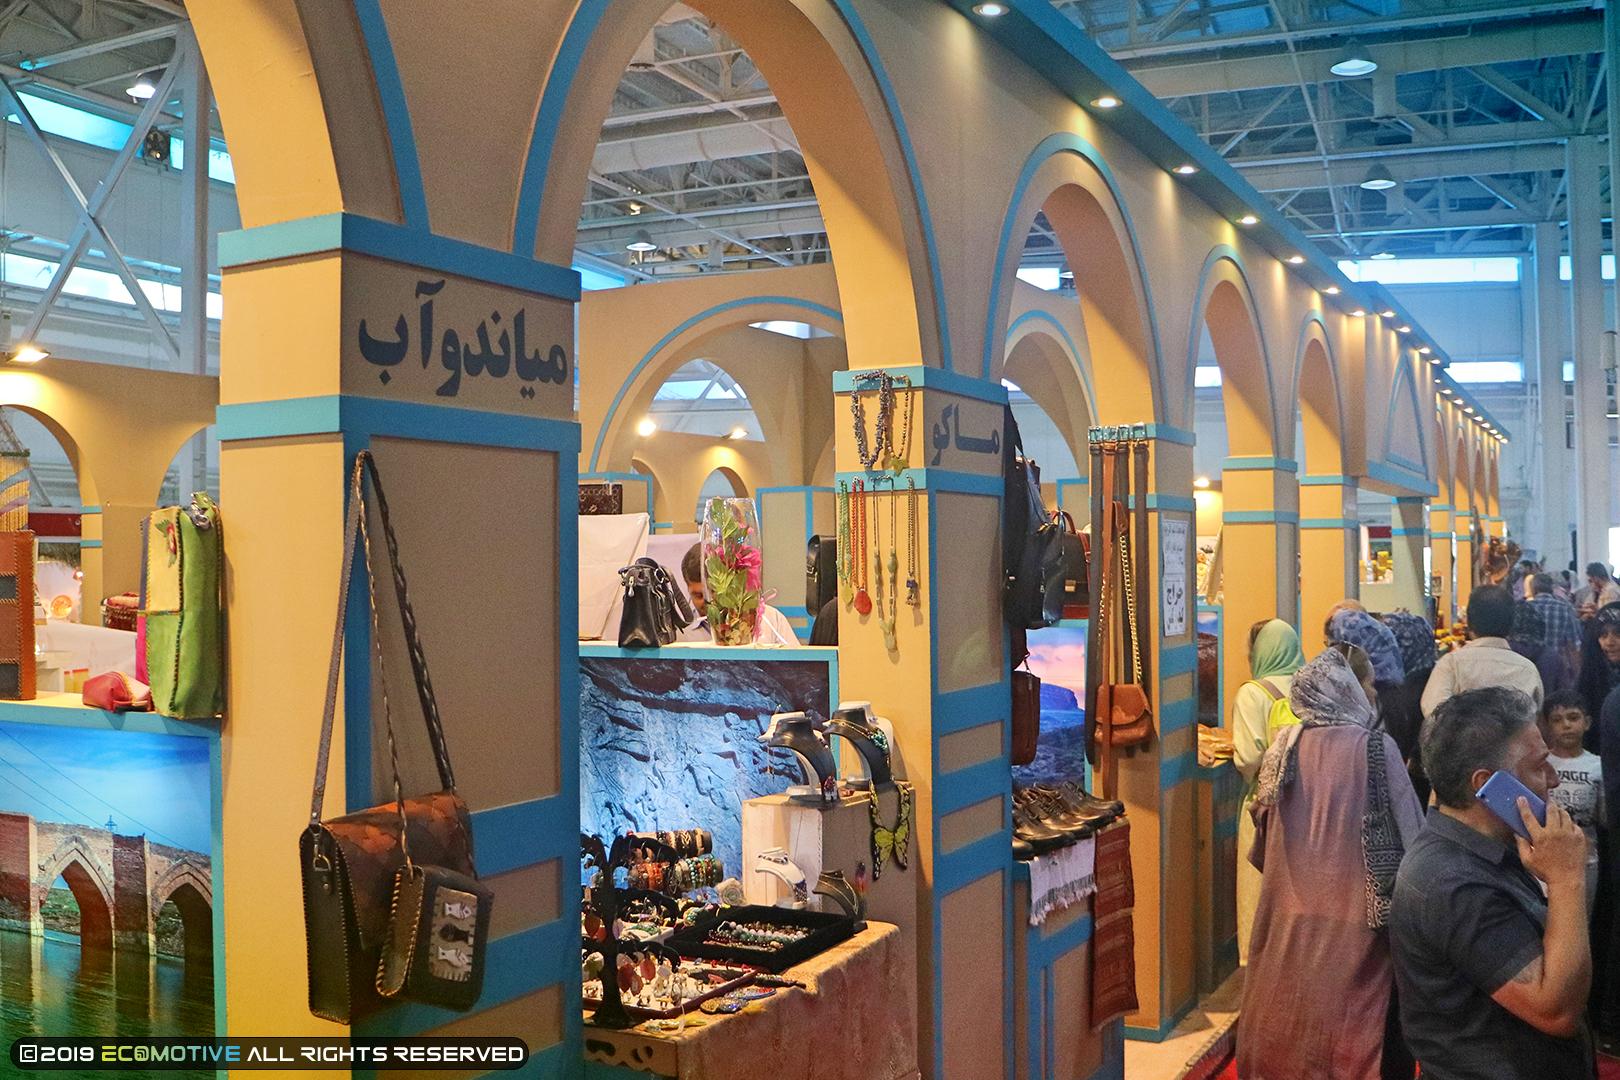 غرفه استان ها در نمایشگاه نمایشگاه توانمندیهای روستاییان و عشایر